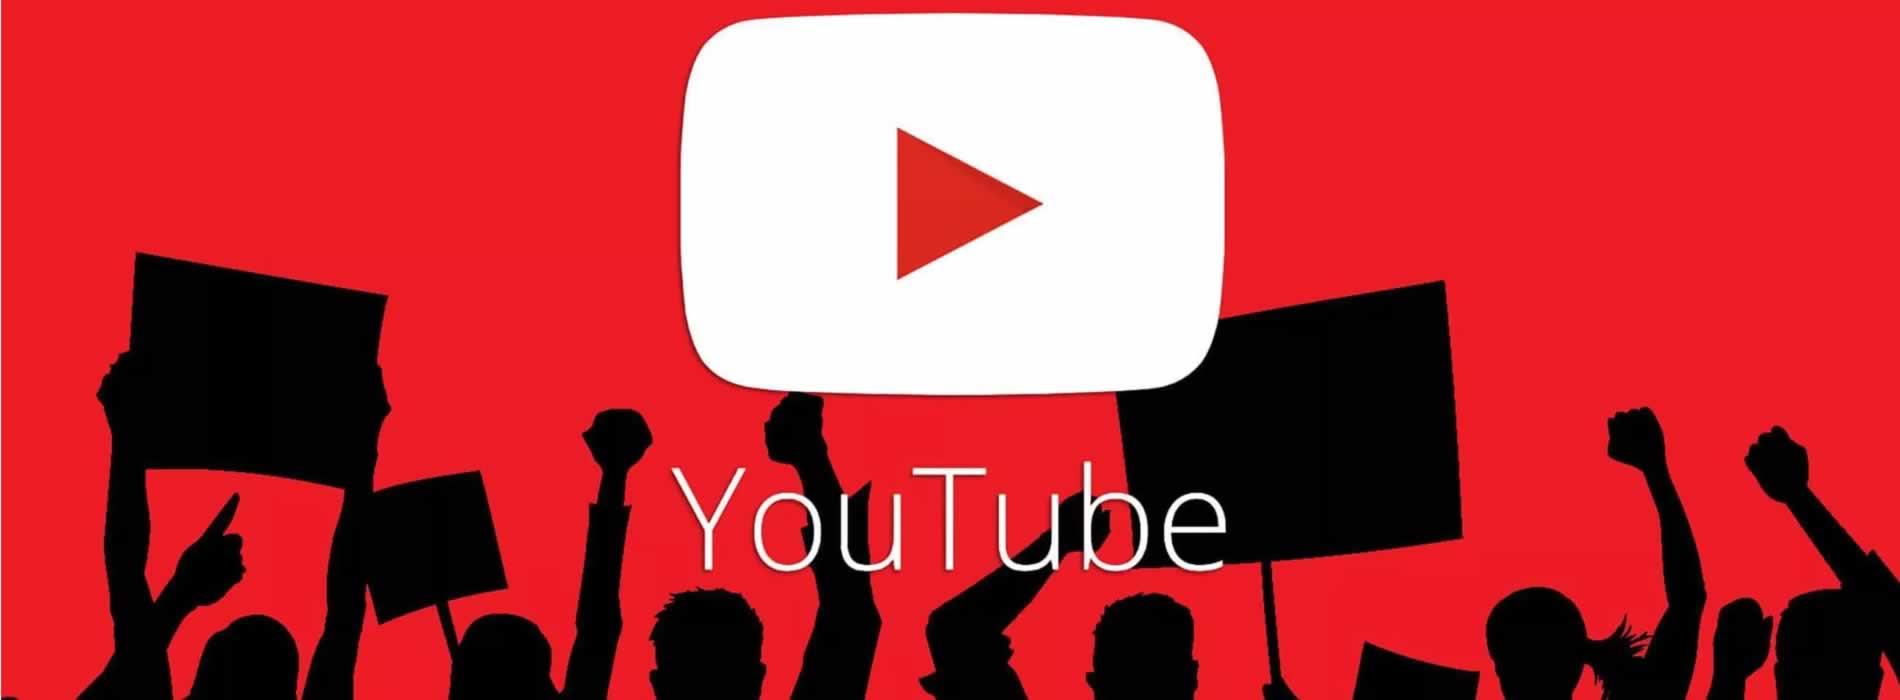 6570f2e32dd Como conseguir mais inscritos no YouTube - Faça seu canal bombar!